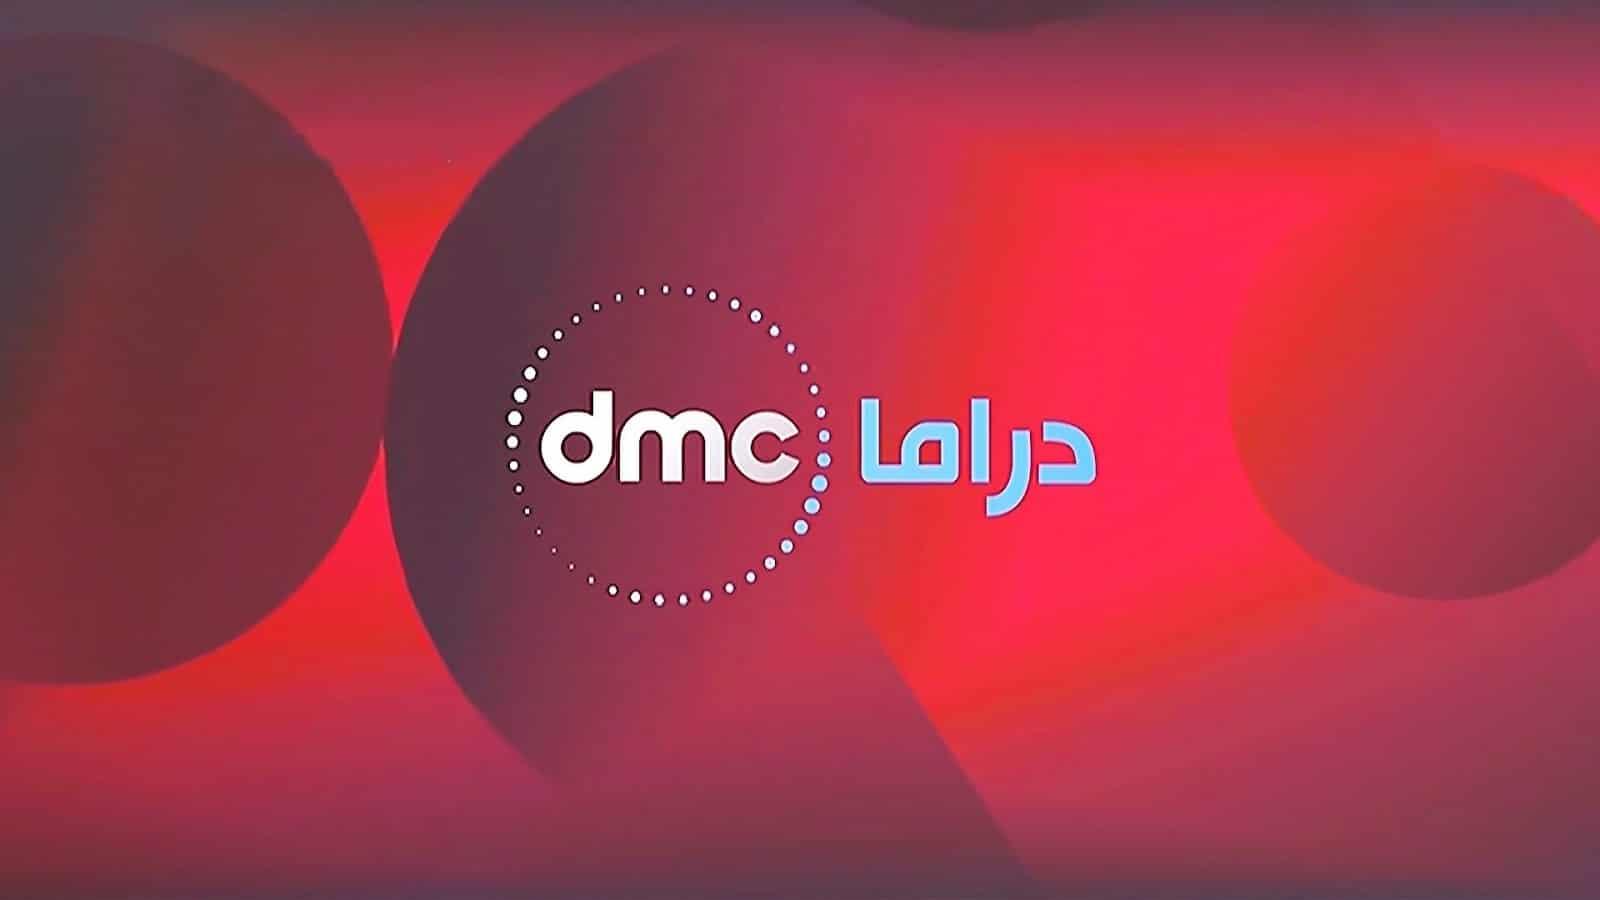 تردد قناة dmc دراما الجديد 2018